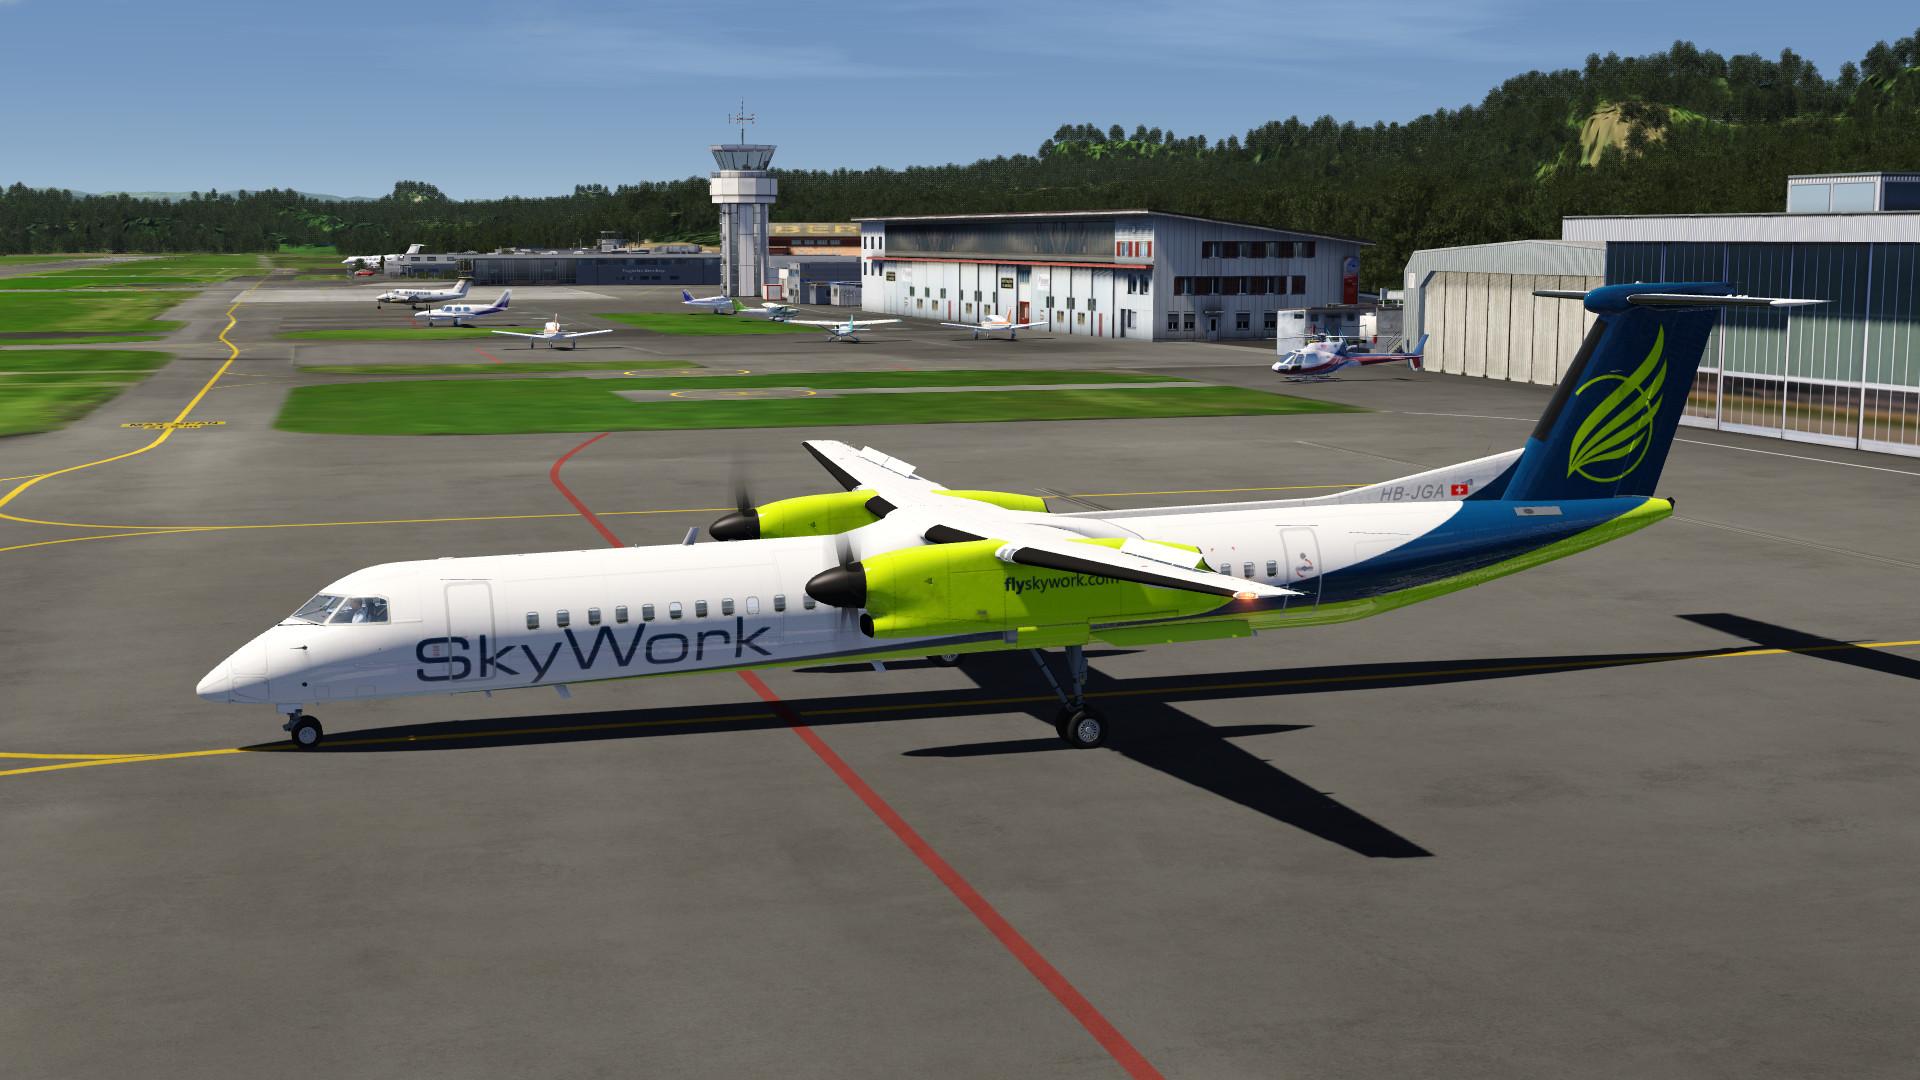 Aerofly FS 2 - Q400 on Steam